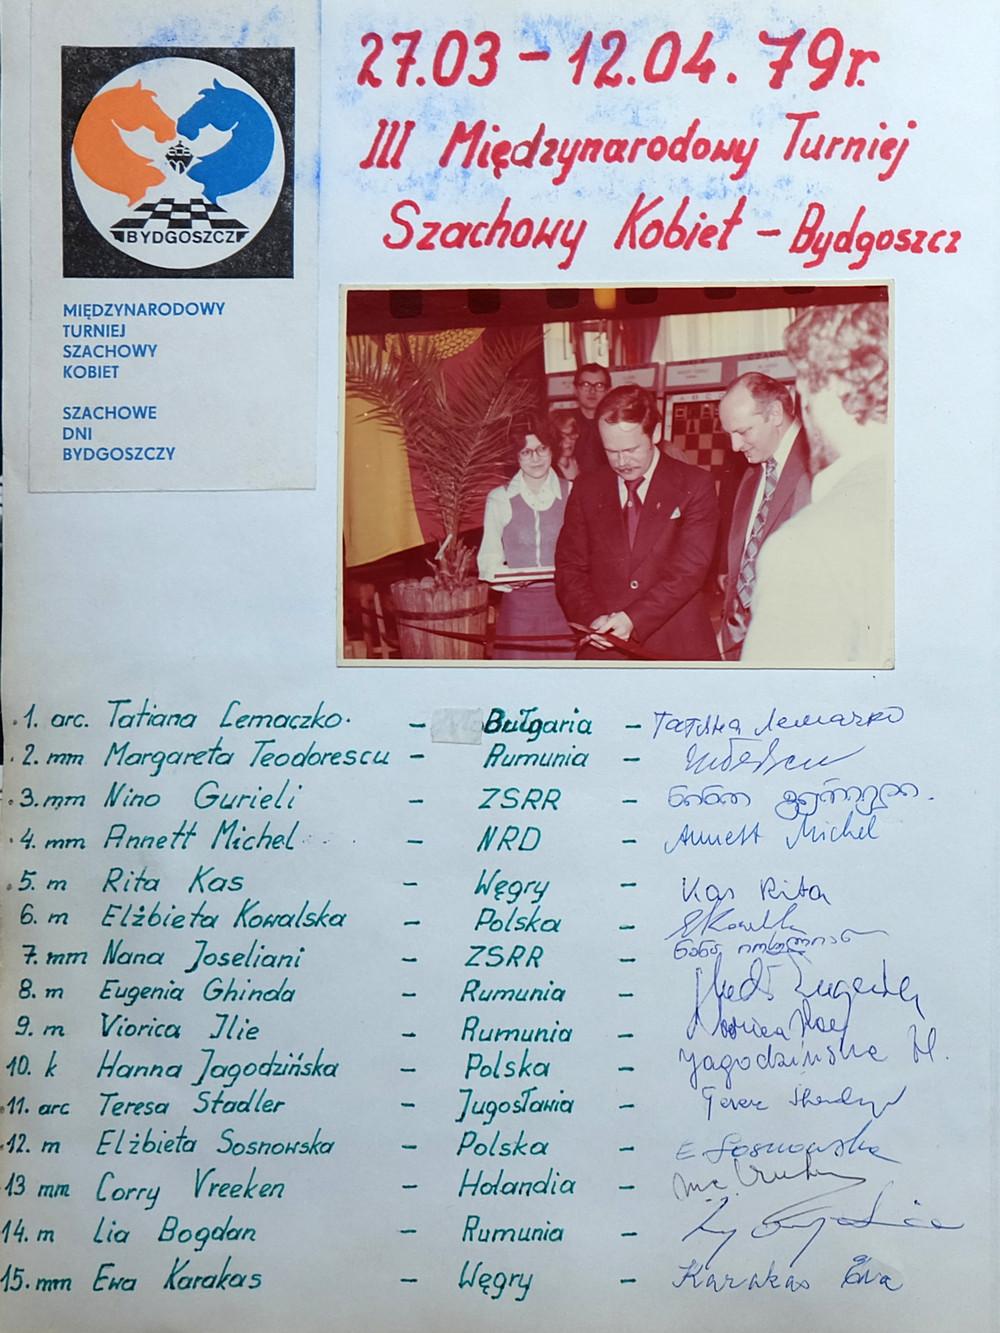 Szachowe Dni Bydgoszczy 1979